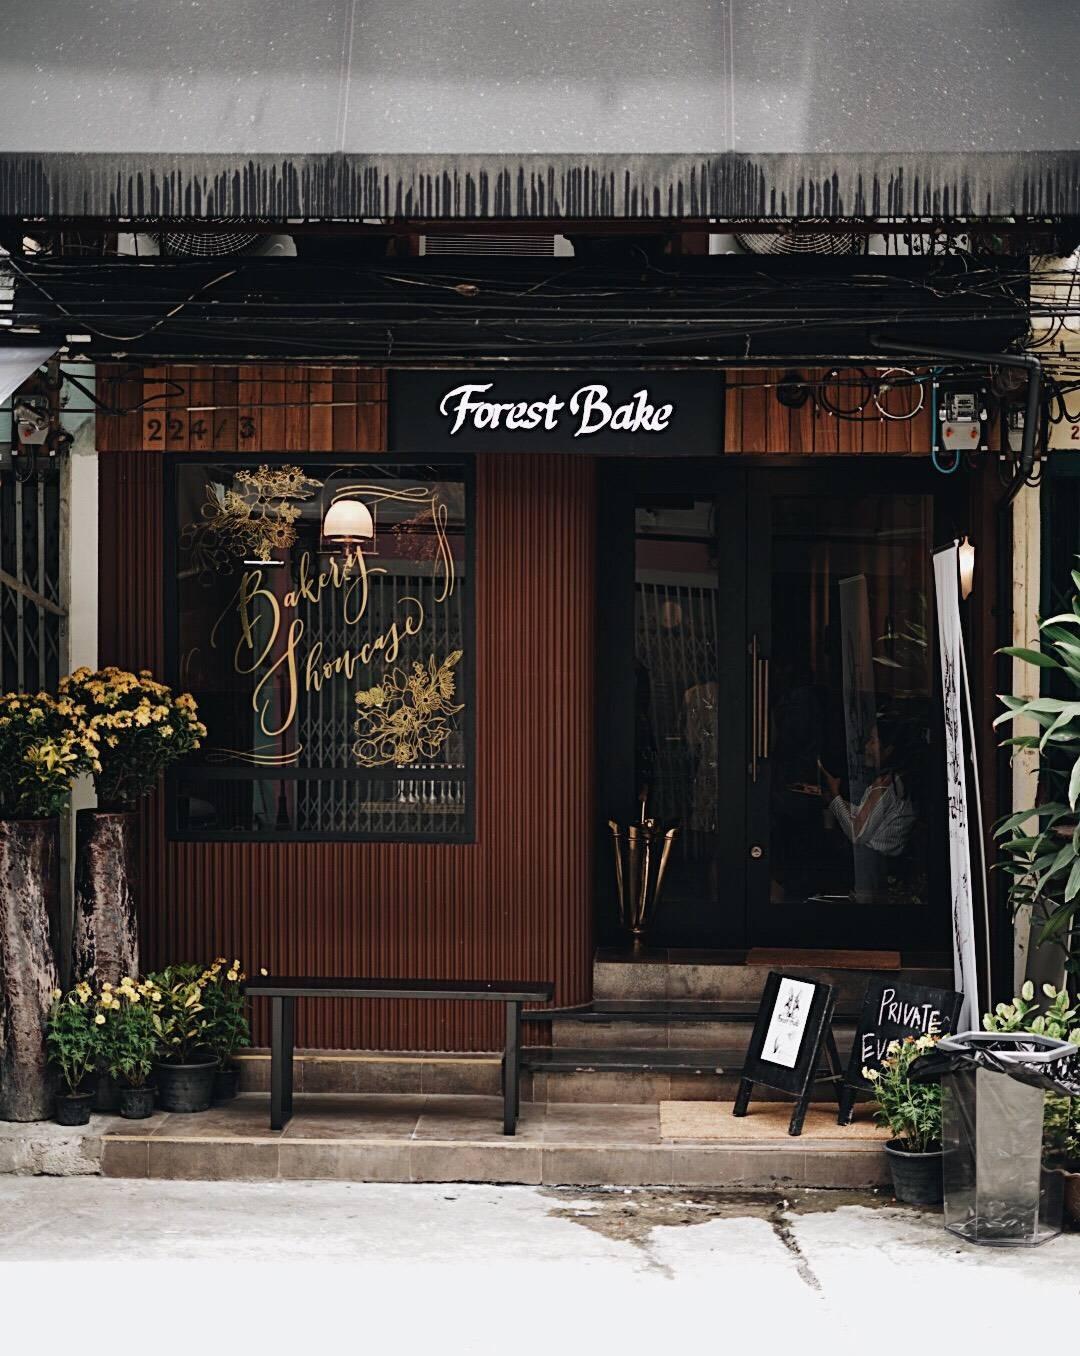 Forest Bake BKK สุขุมวิท 22